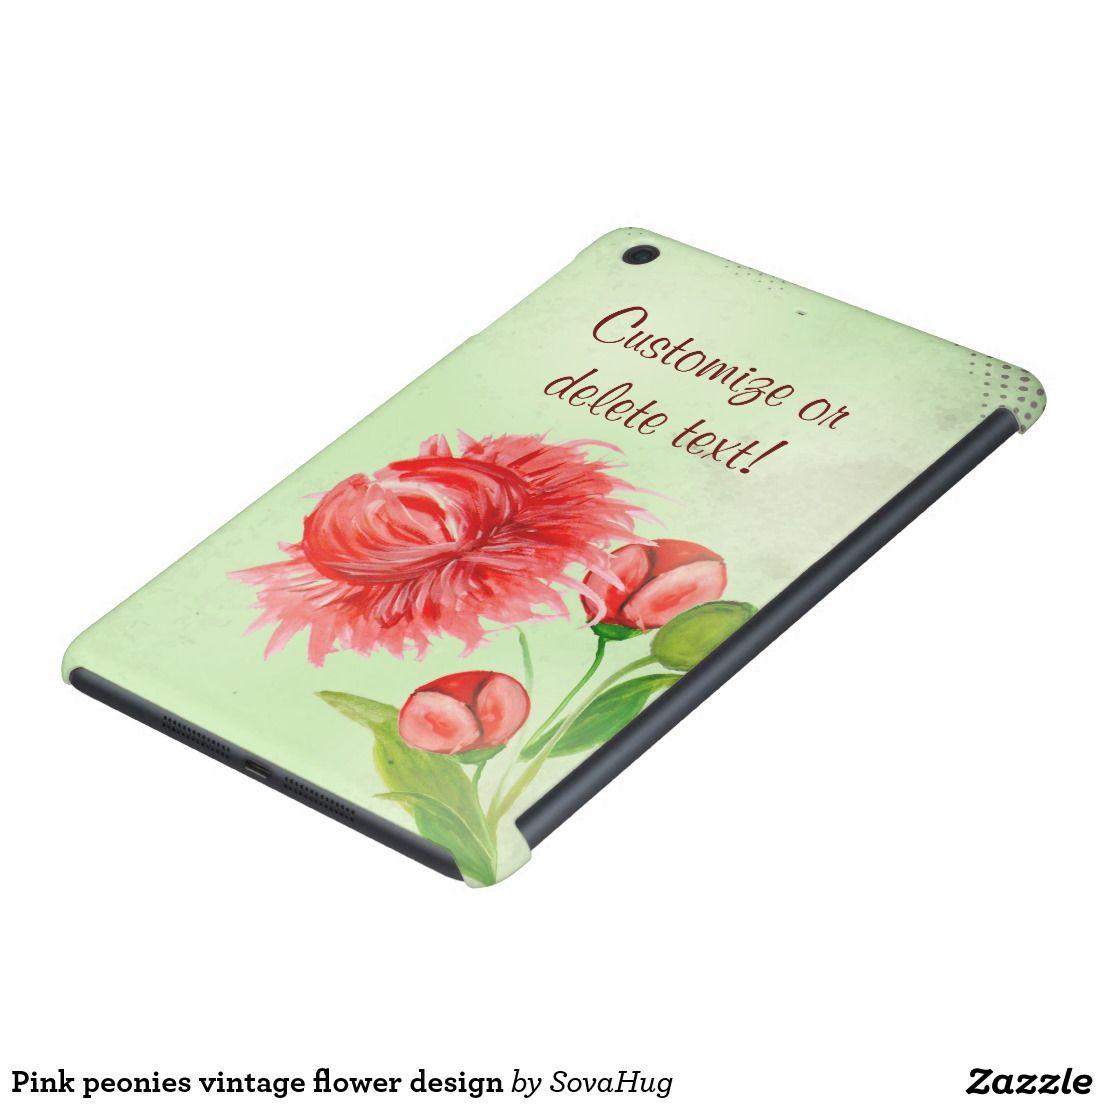 Pink peonies vintage flower design iPad mini retina case